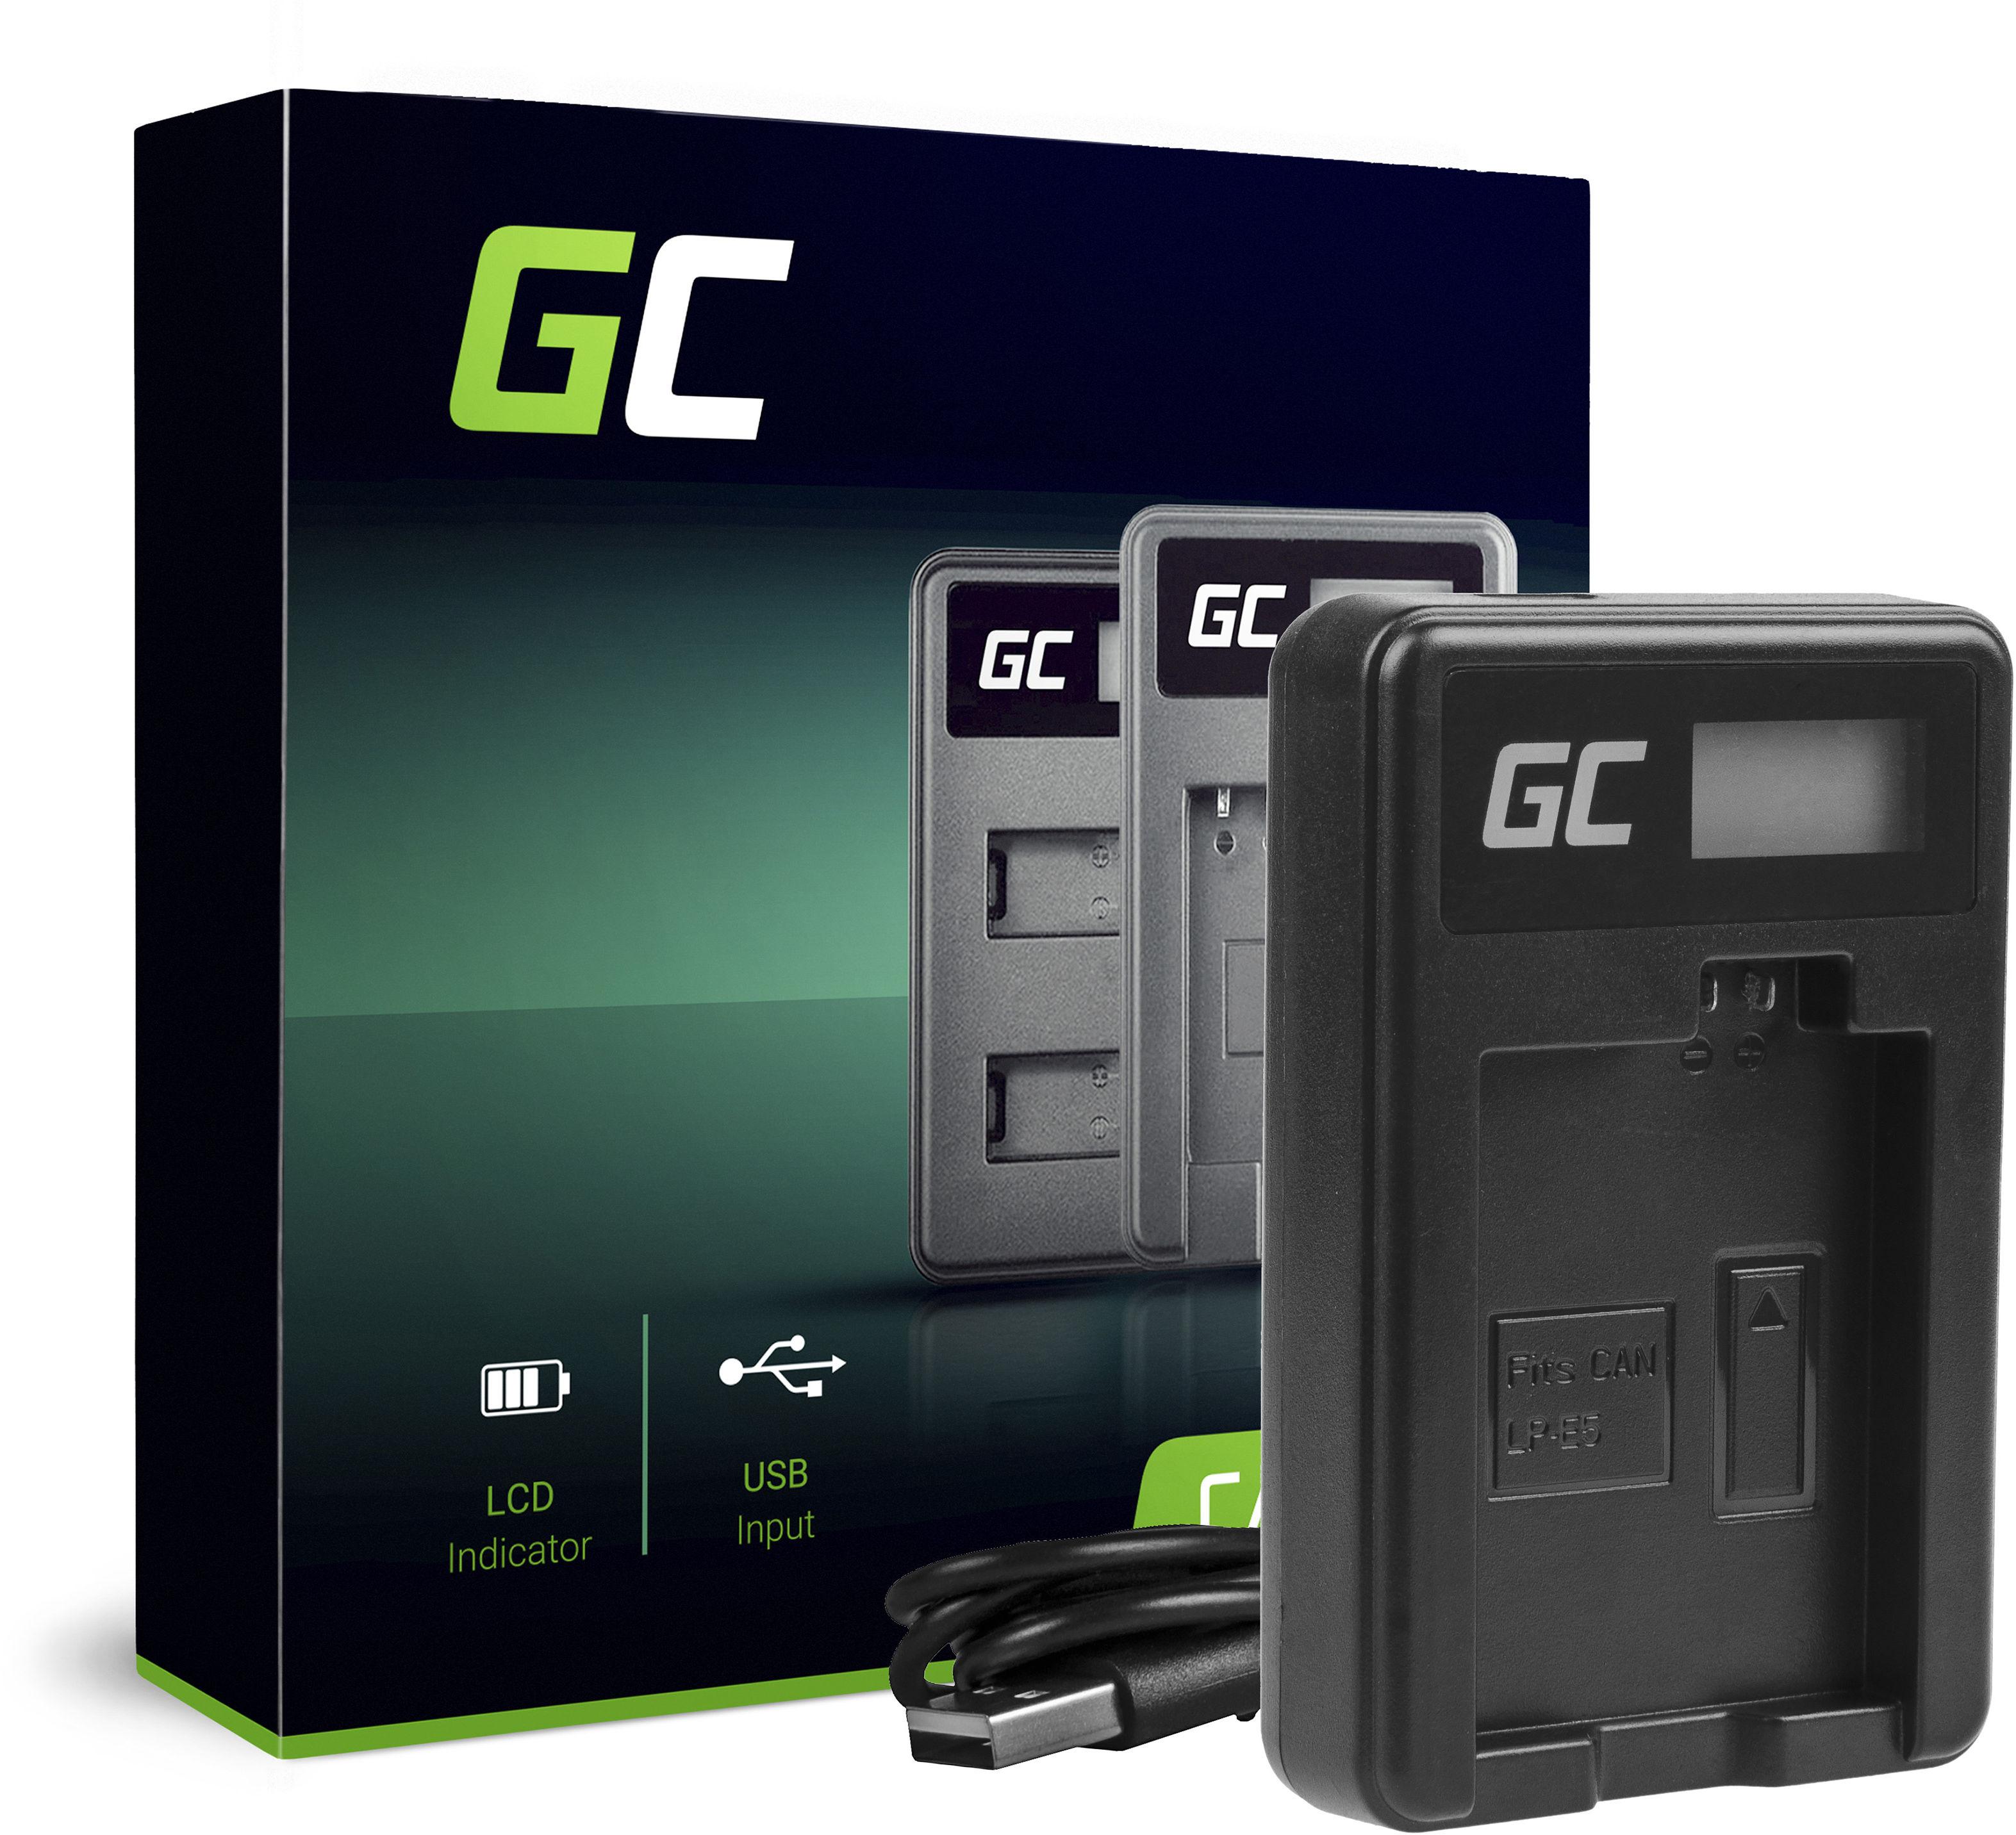 Ładowarka CBC-E5, LC-E5 Green Cell  do Canon LP-E5, EOS 450D 600D 1000D Kiss F X2 X3 Rebel T1i XS Xsi (8.4V 5W 0.6A)